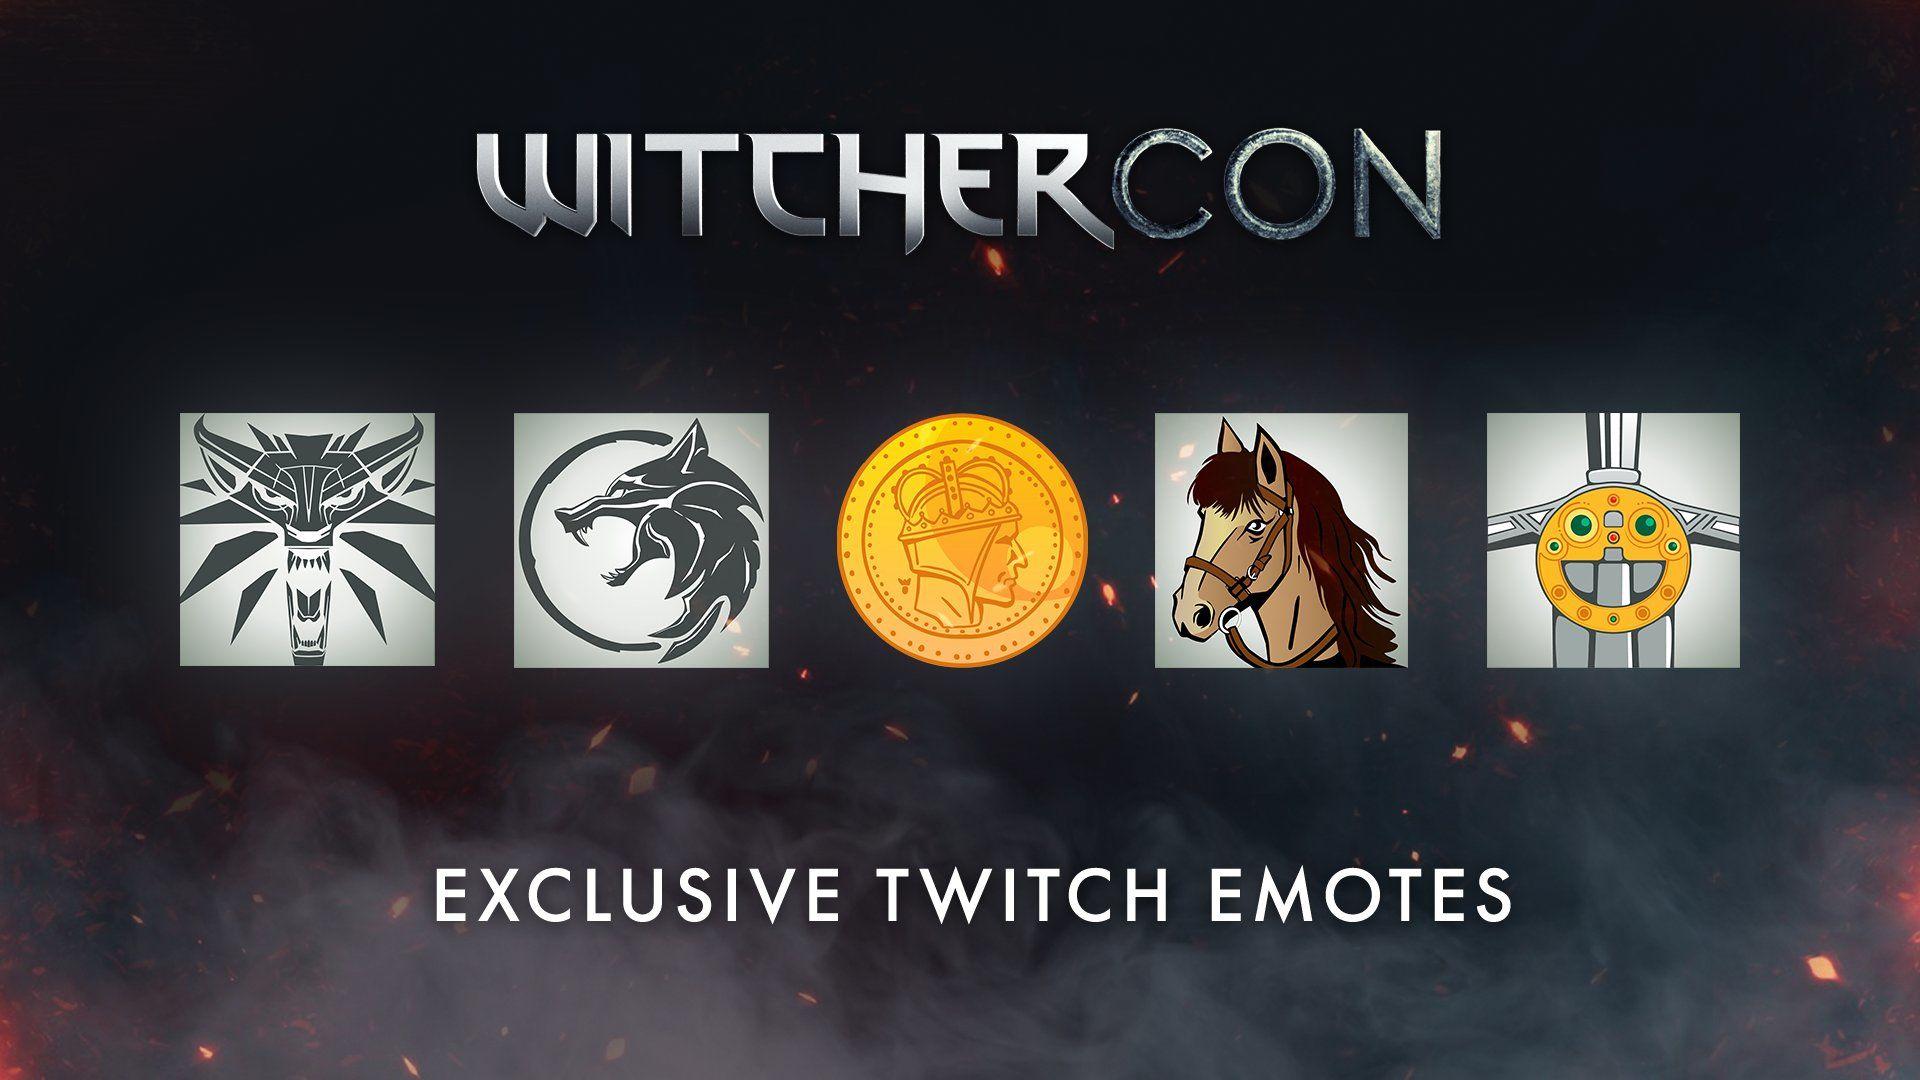 Ücretsiz WitcherCon hediyelerinizi almayı unutmayın